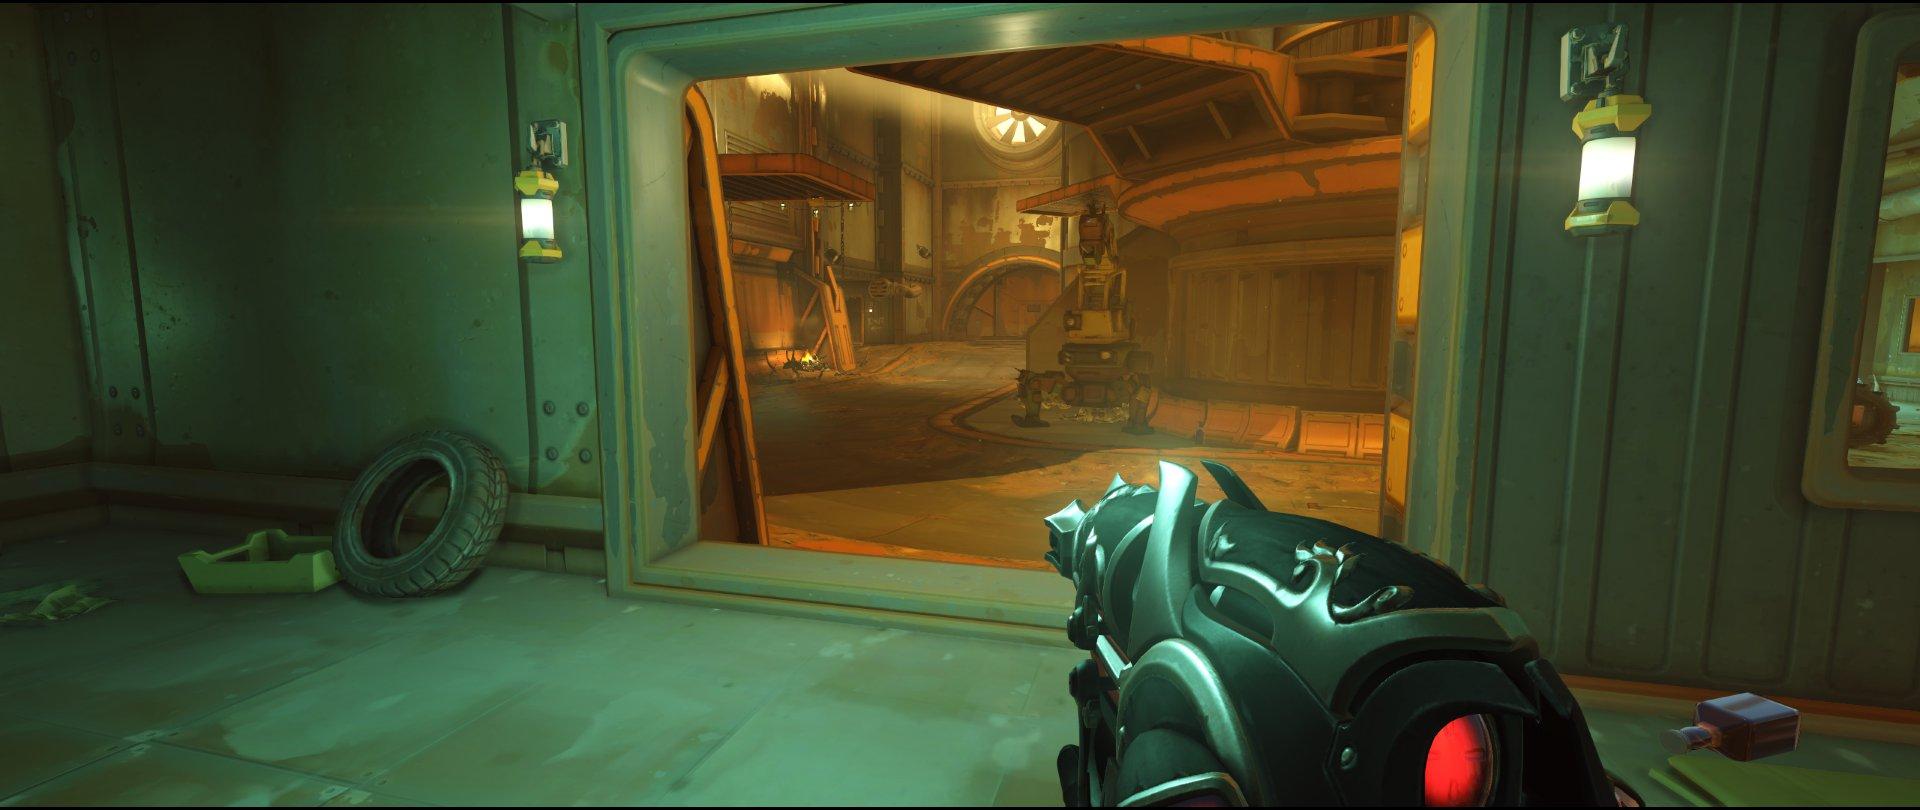 Link defense Widowmaker sniping spot Junkertown.jpg